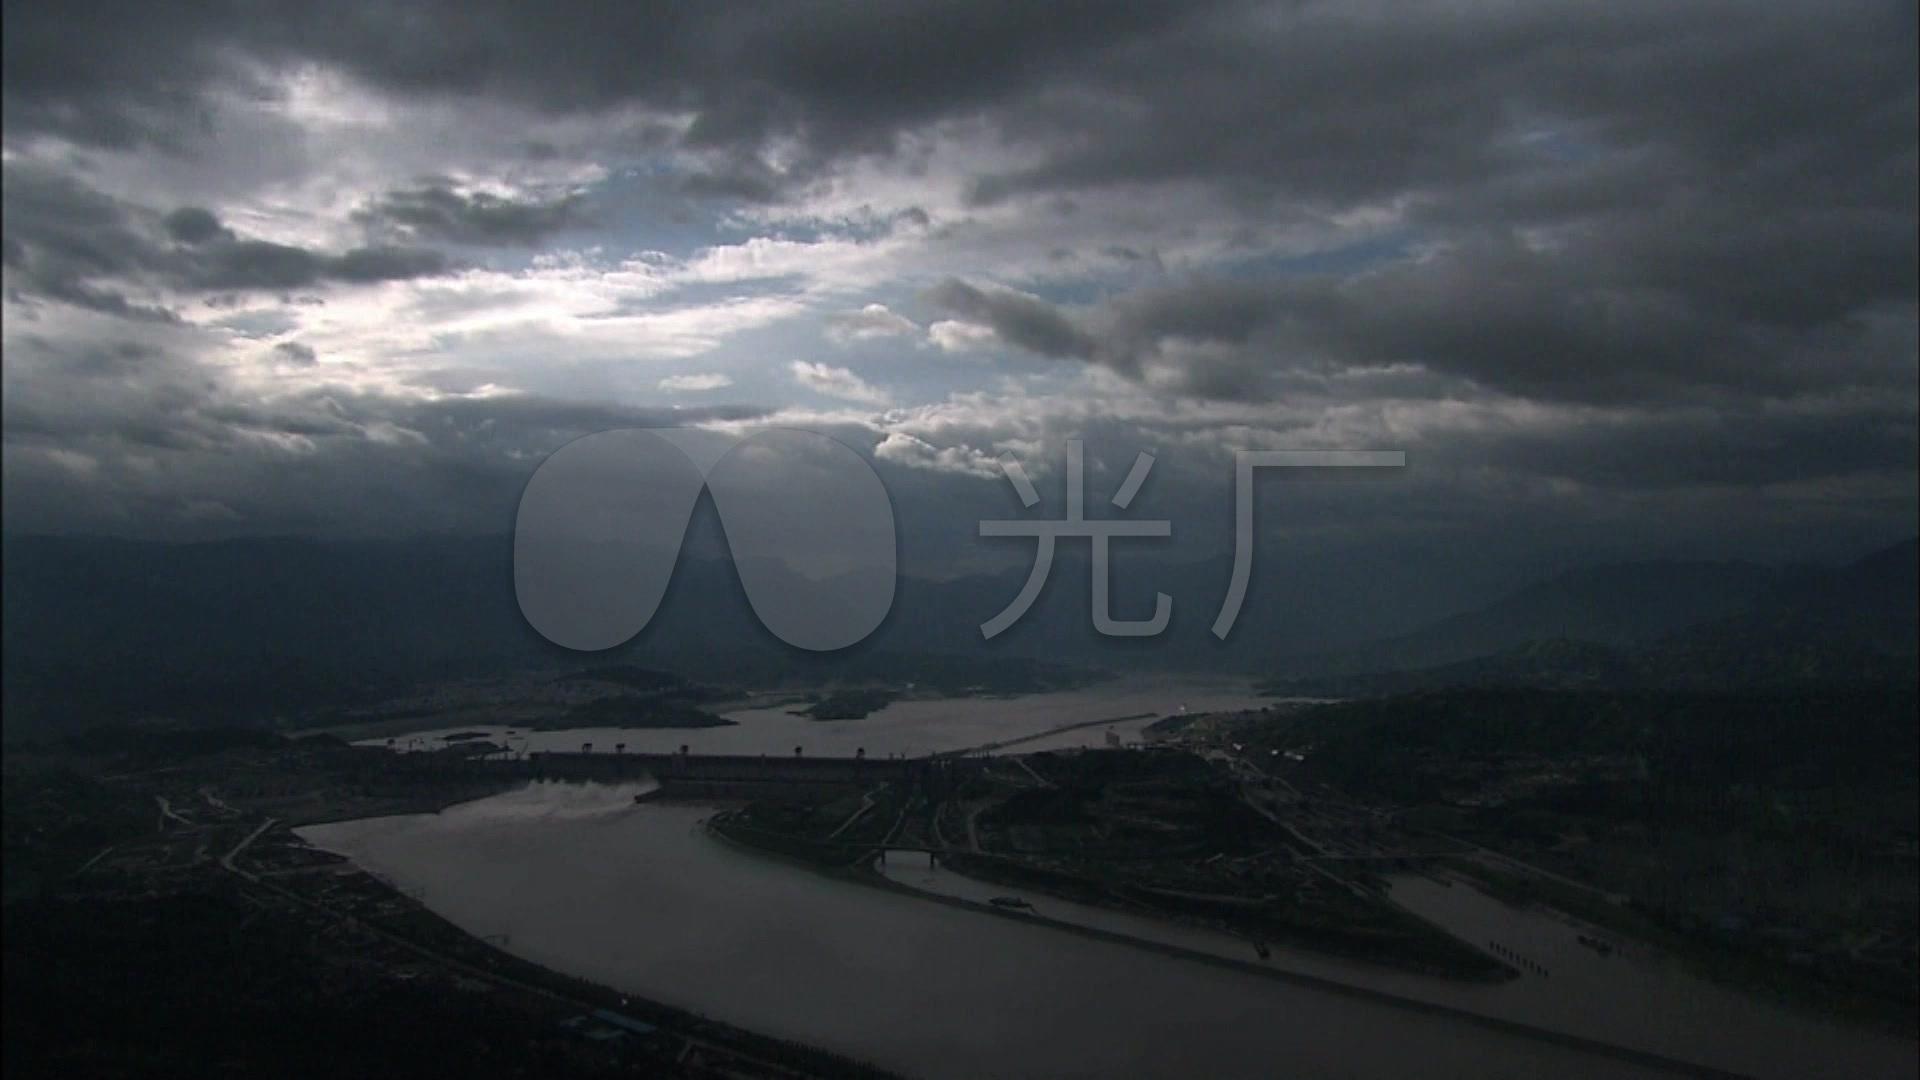 长江三峡大坝泄洪水力发电站视频_1920X108水坝安卓v视频图片